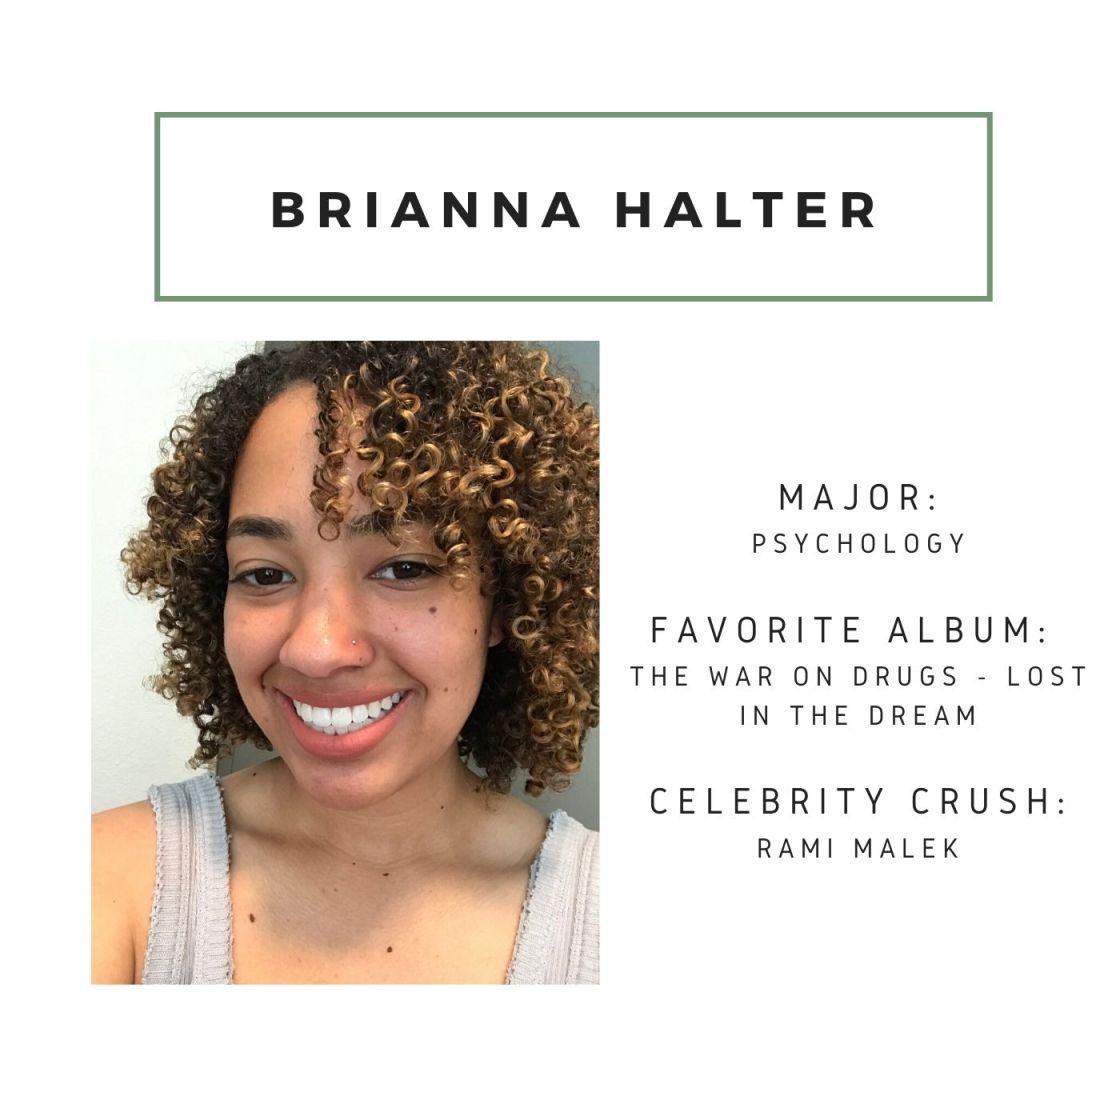 Brianna Halter